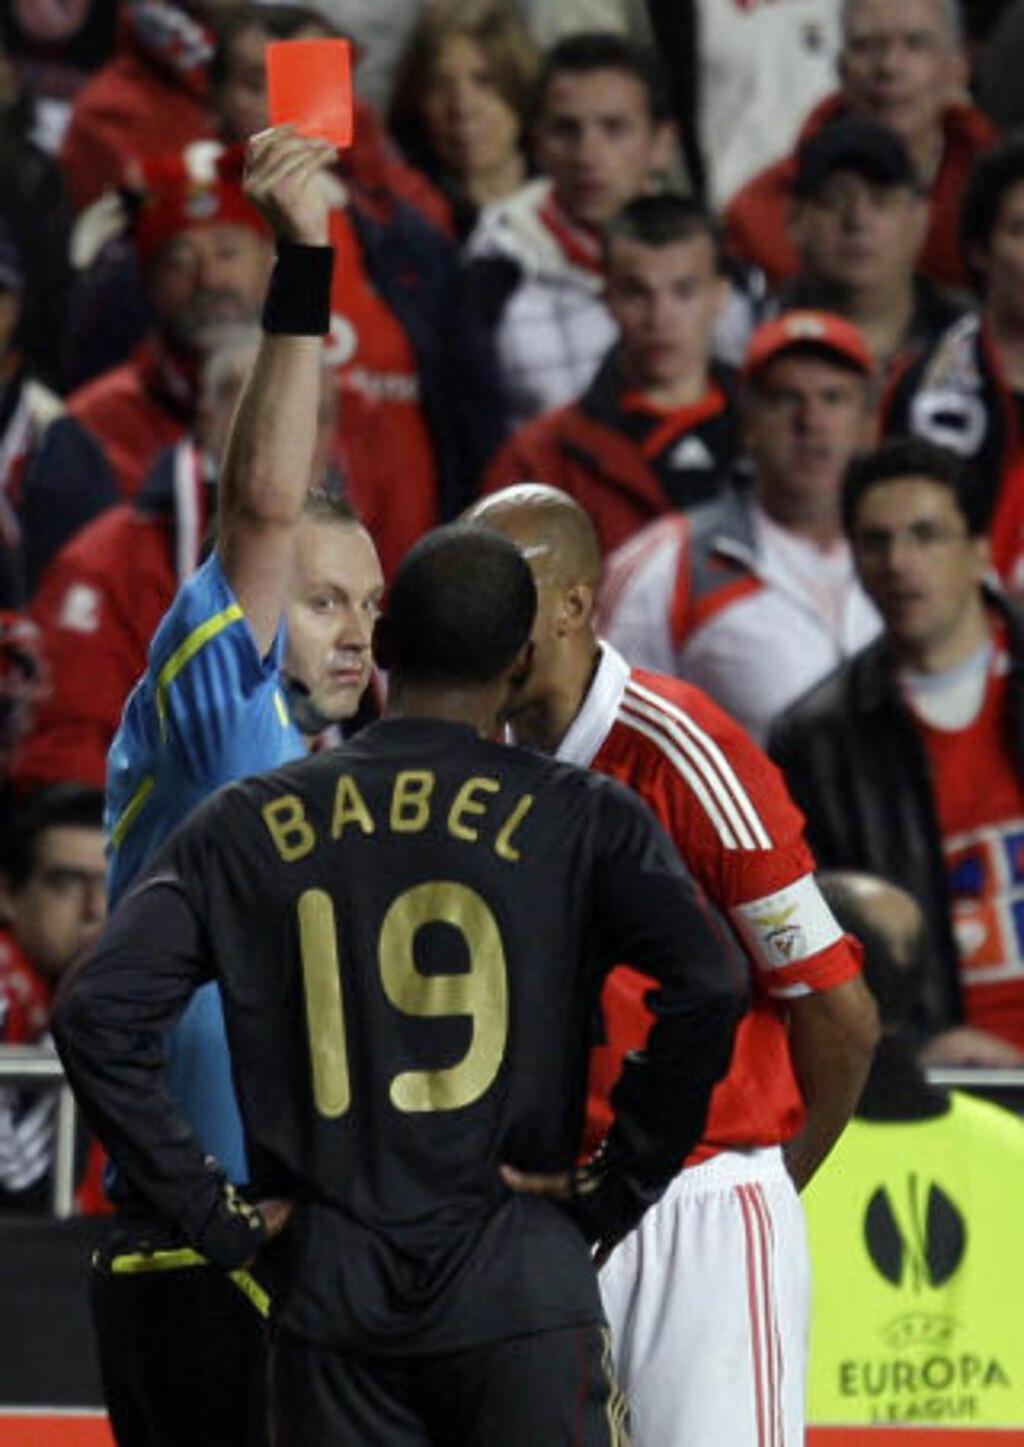 MERKELIG AVGJØRELSE: Benficas midtstopper Luisão kløyvet nesten Fernando Torres i to, men slapp unna med gult. Ryan Babel blandet seg inn og forsøkte bokstavelig talt å få brasilianeren til å klappe igje. Det ble belønnet med rødt kort der gult sannsynligvis hadde vært straff nok.Foto: SCANPIX/AP Photo/Armando Franca